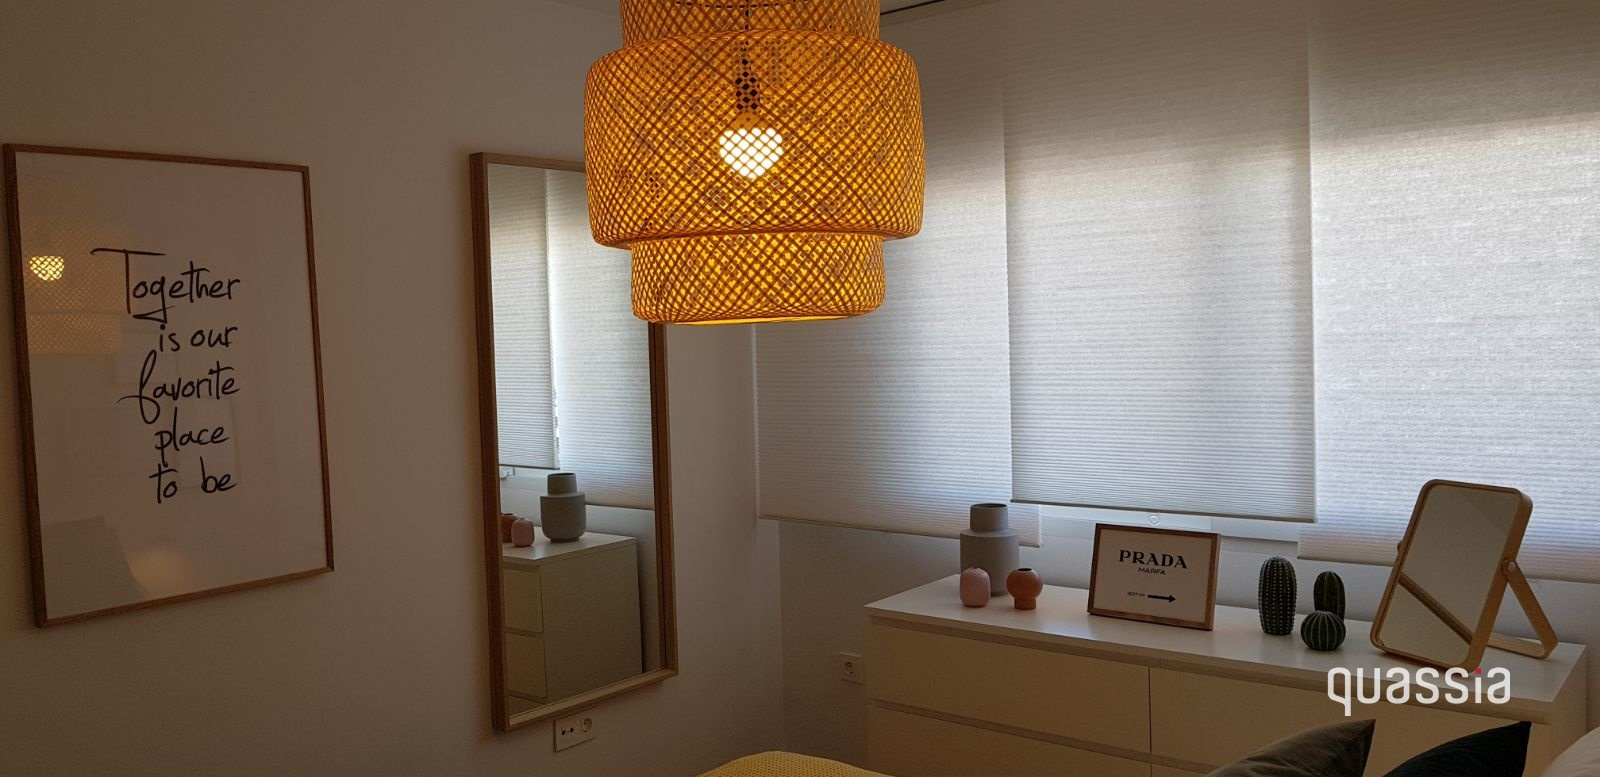 Reforma apartamento Fuengirola por Quassia (27)